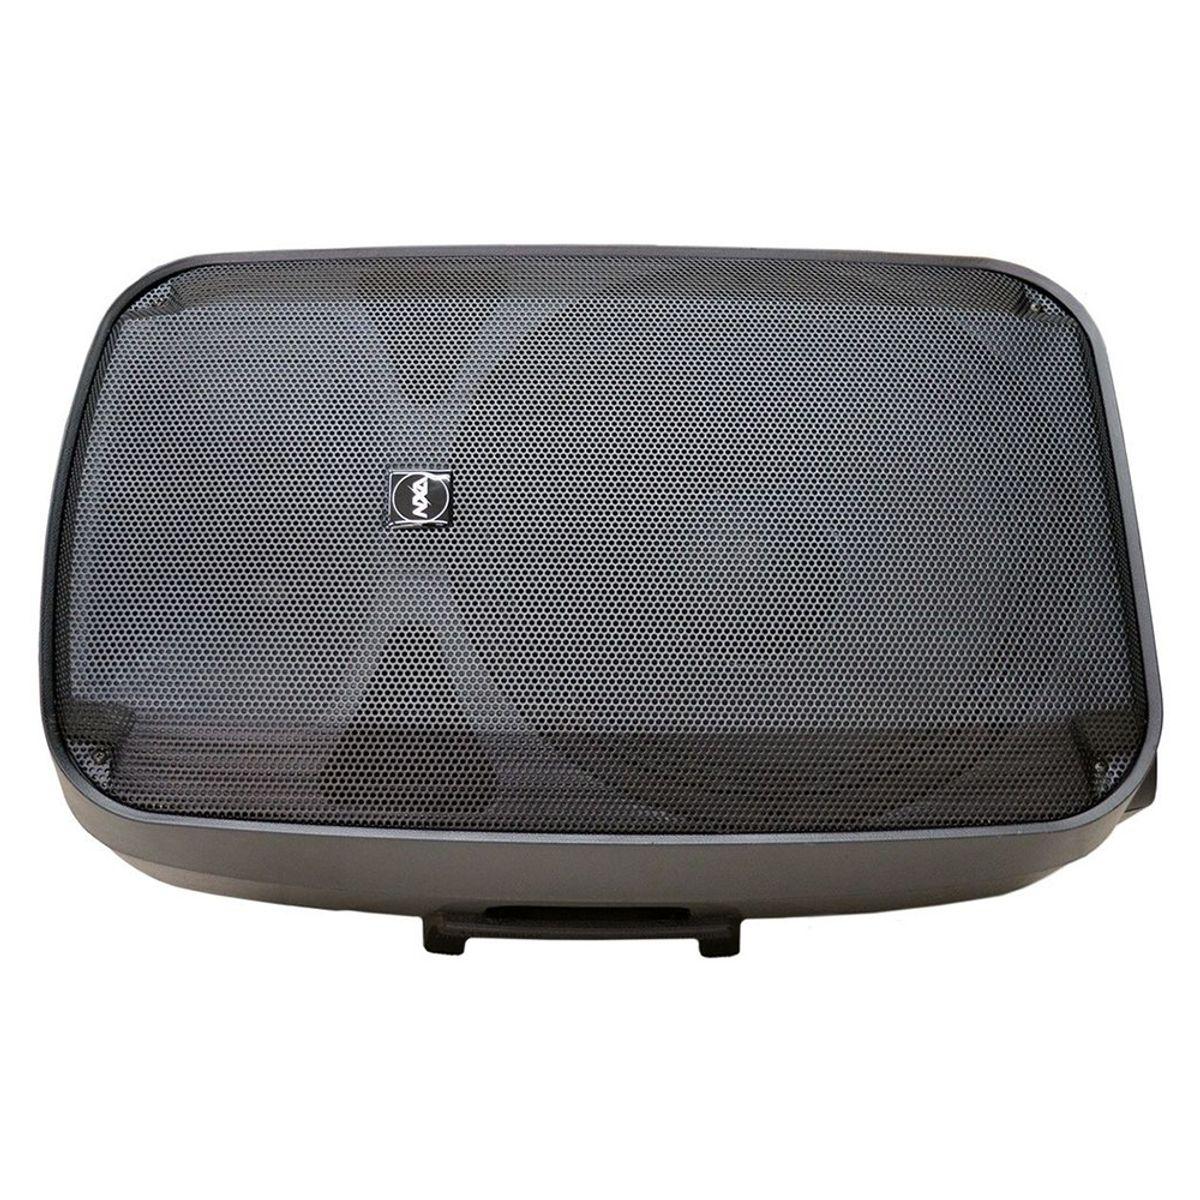 caixa-ativa-12-polegadas-com-usb-e-bluetooth-light-12a-nxa-3